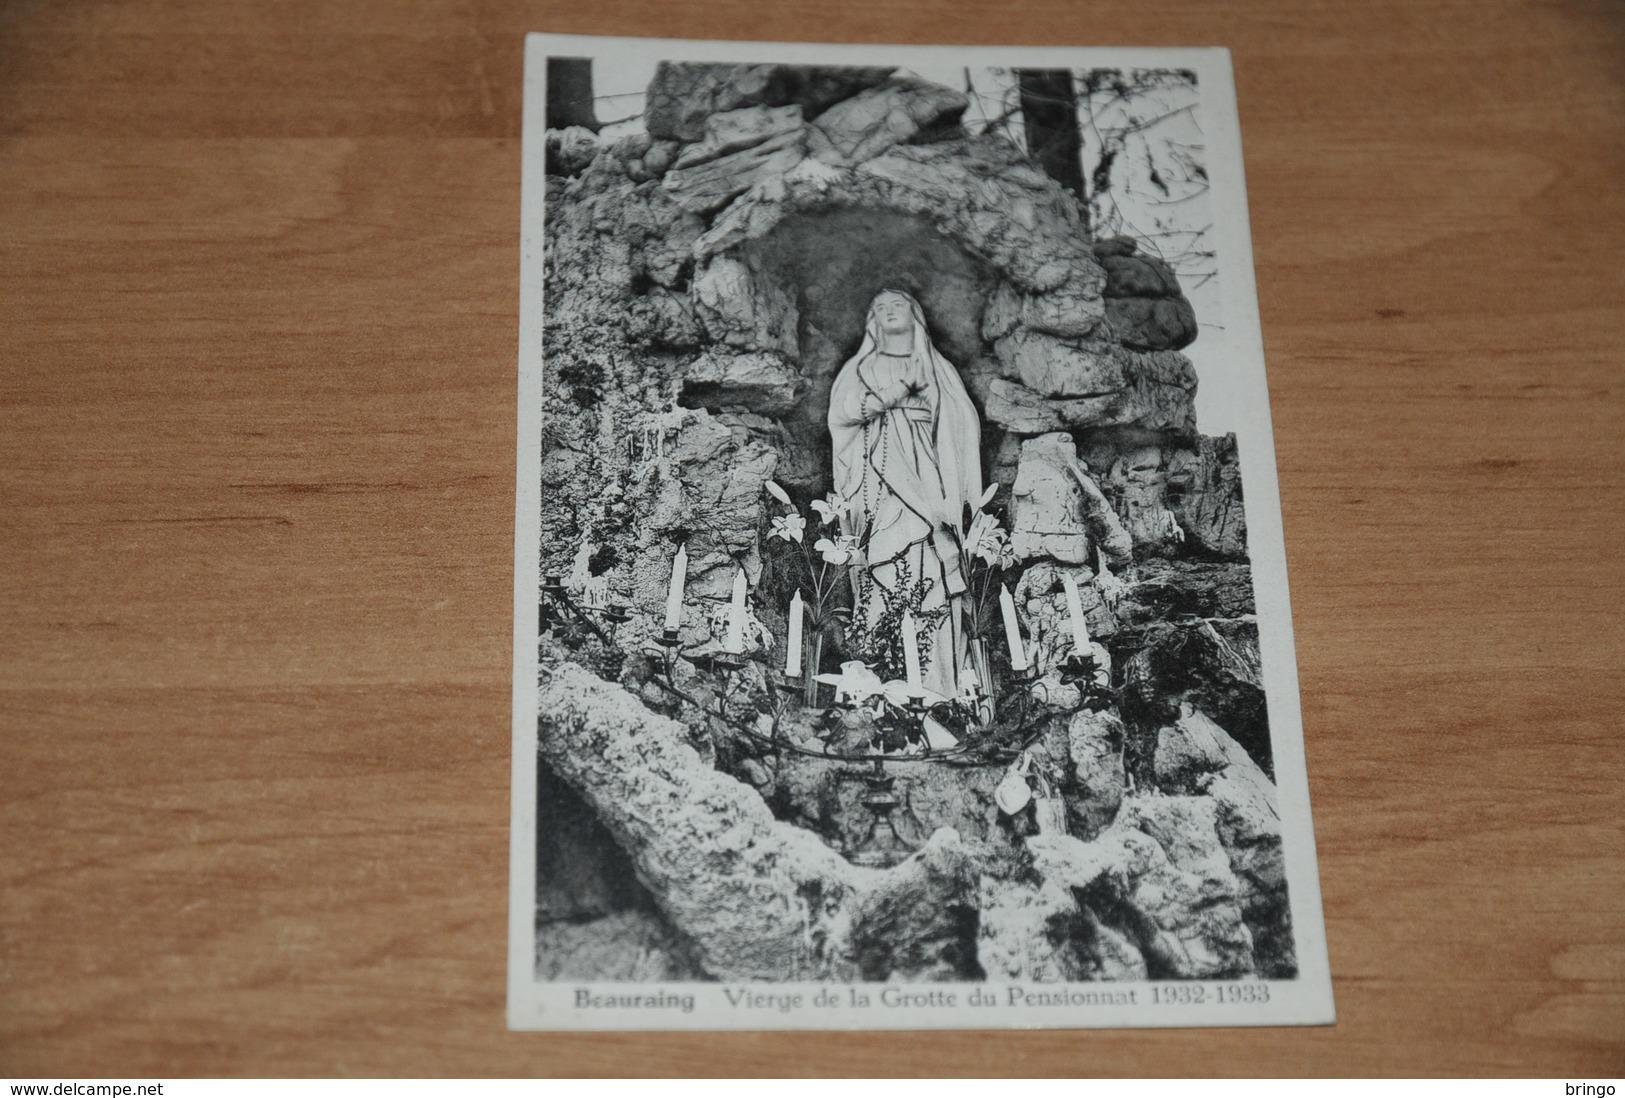 6542- BEAURAING, VIERGE DE LA GROTTE DU PENSIONNAT 1932-1933 - Beauraing